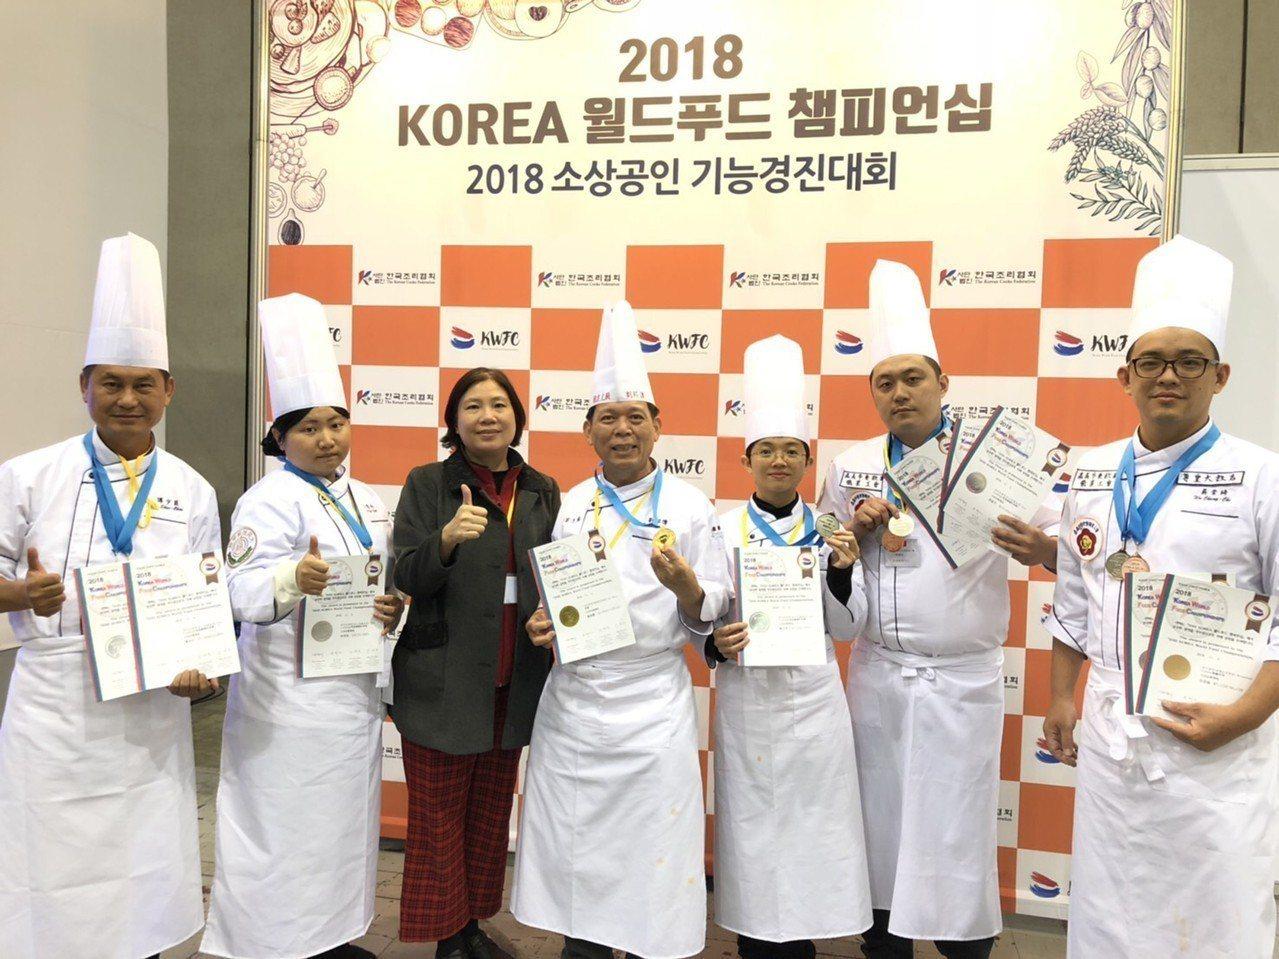 大同技術學院餐飲管理系師生日前參加2018韓國KWFC世界美食挑戰賽,勇奪3金7...